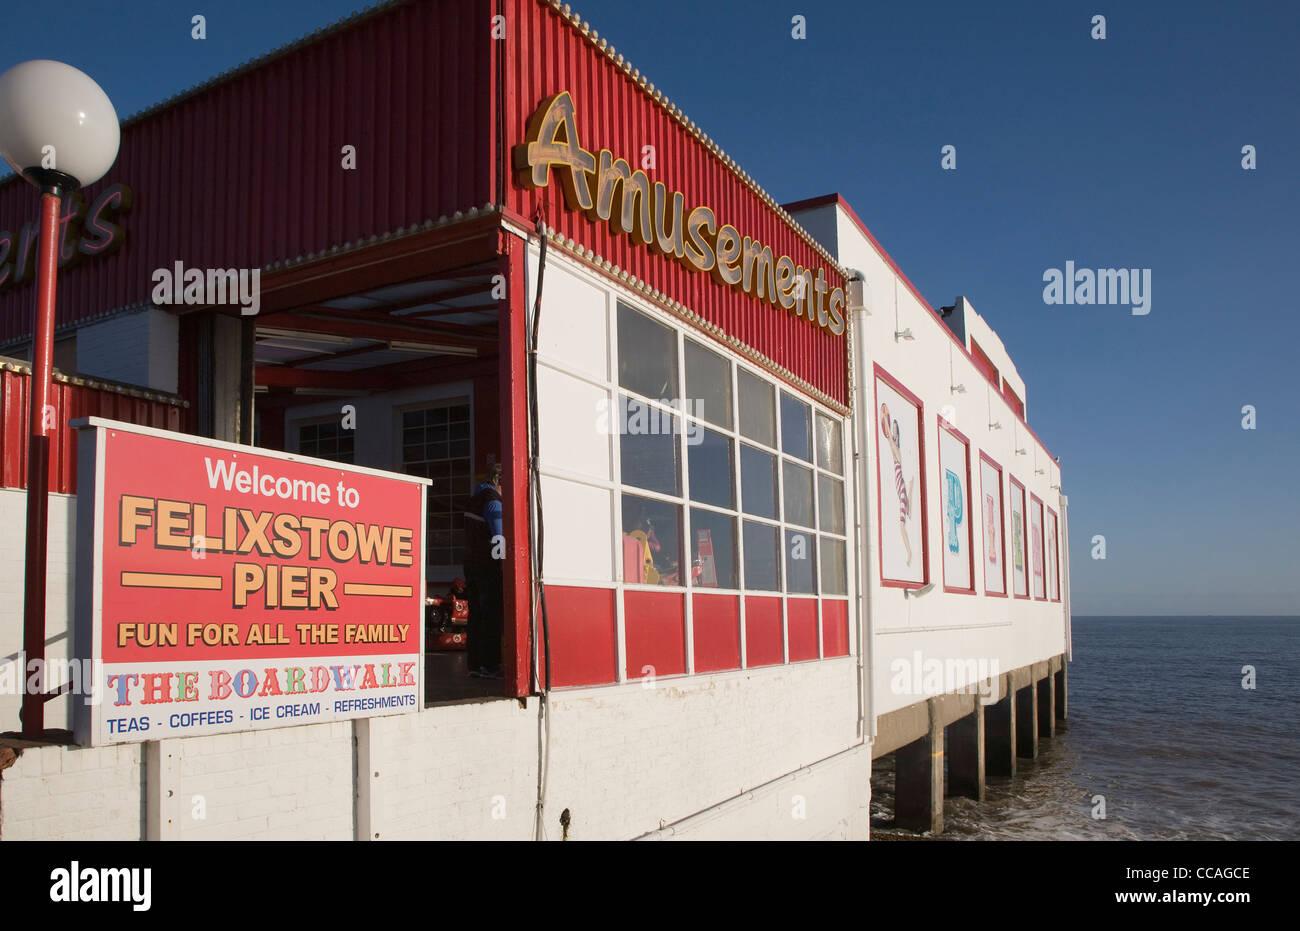 Felixstowe pier seaside amusements Suffolk - Stock Image